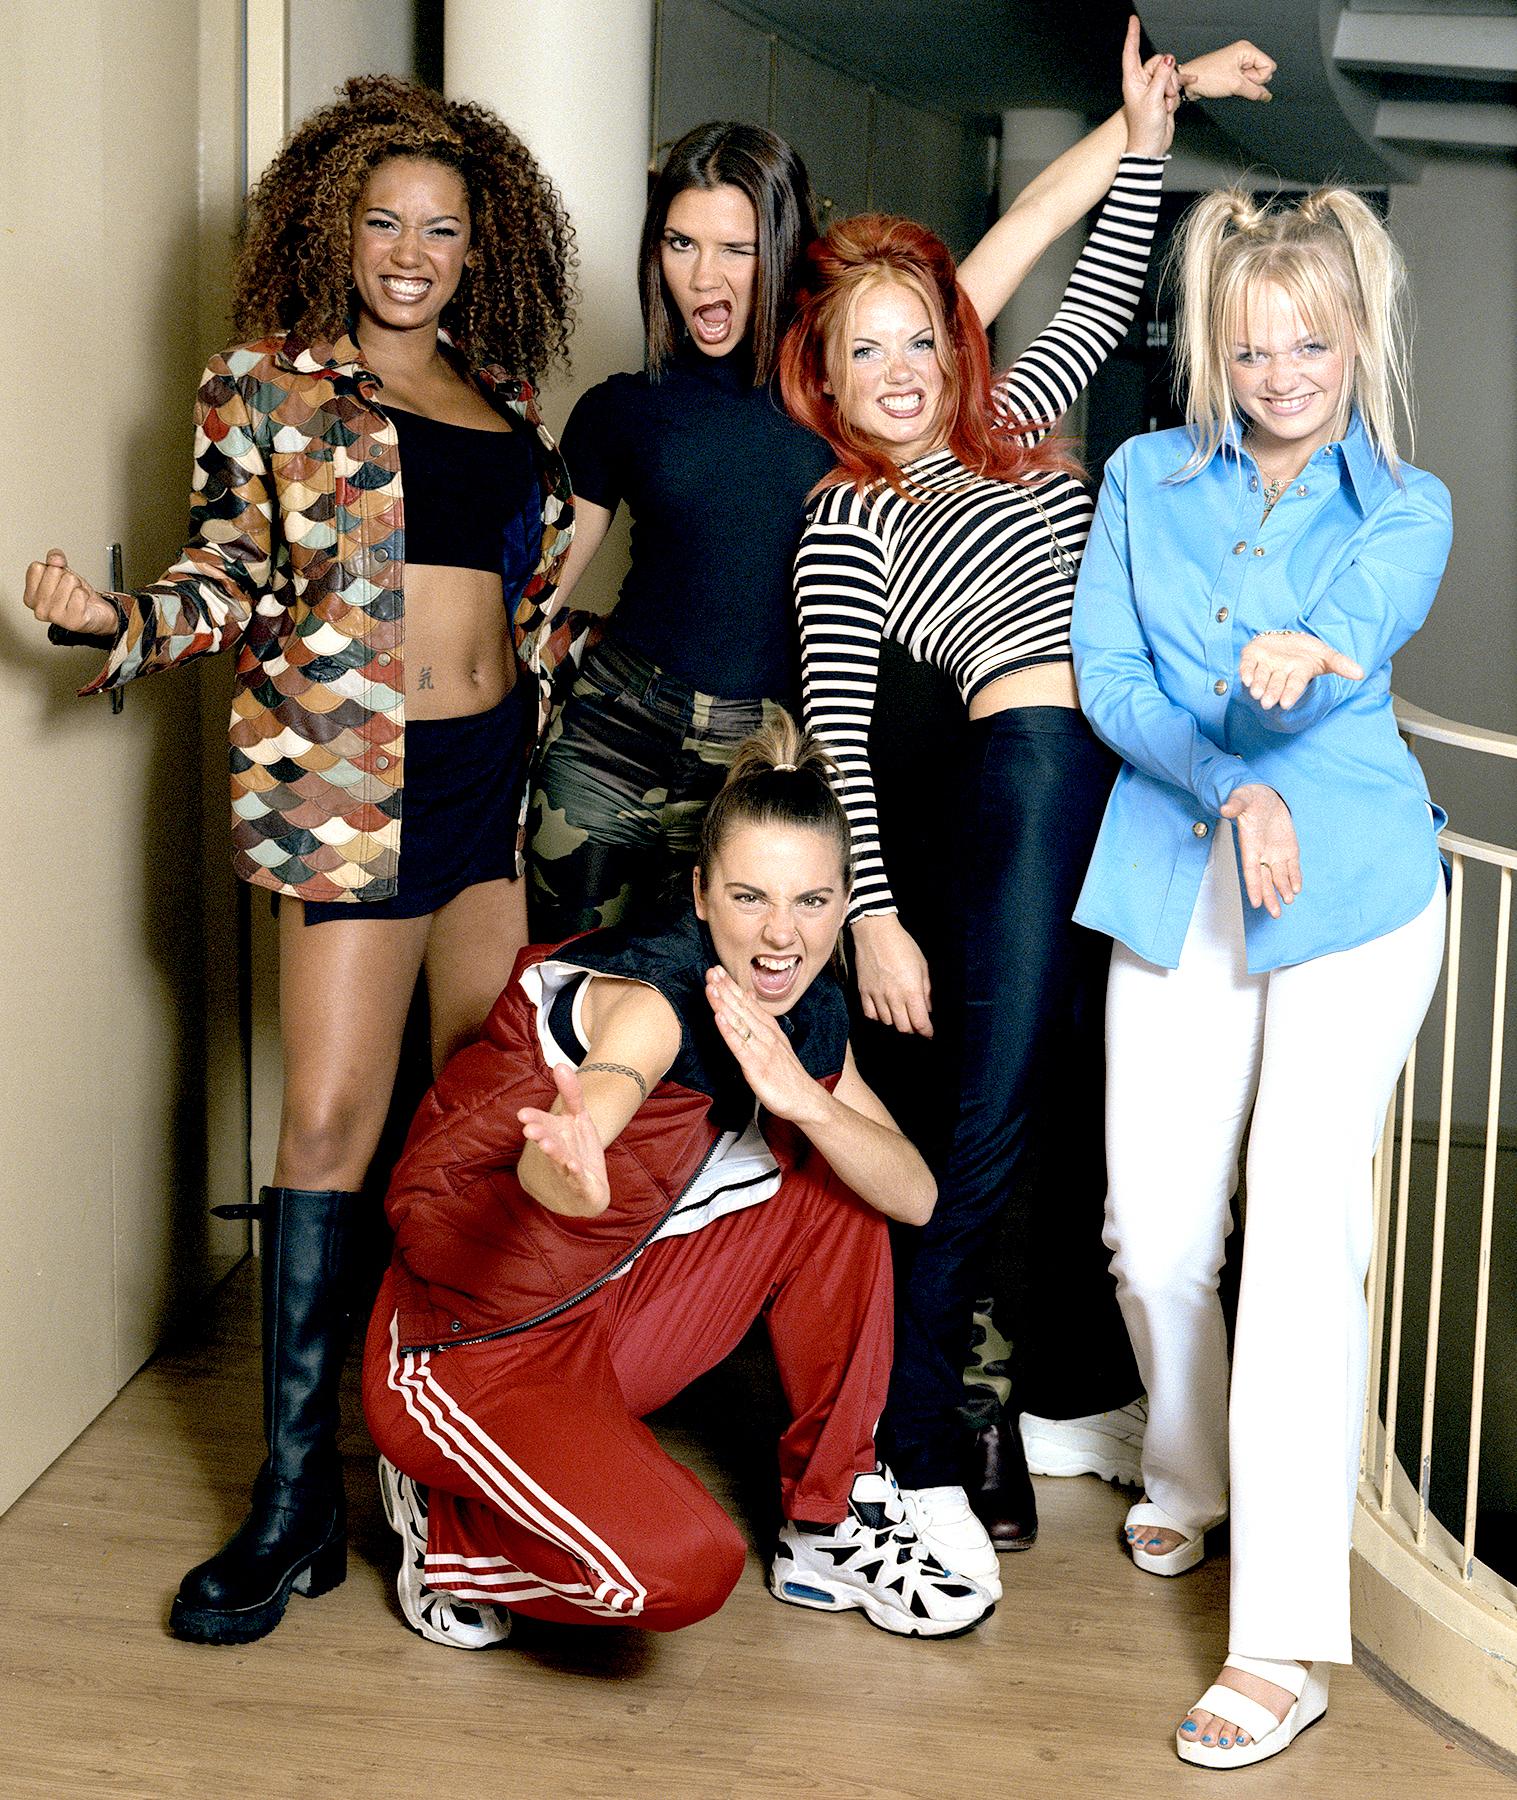 The Spice Girls in September 1996.